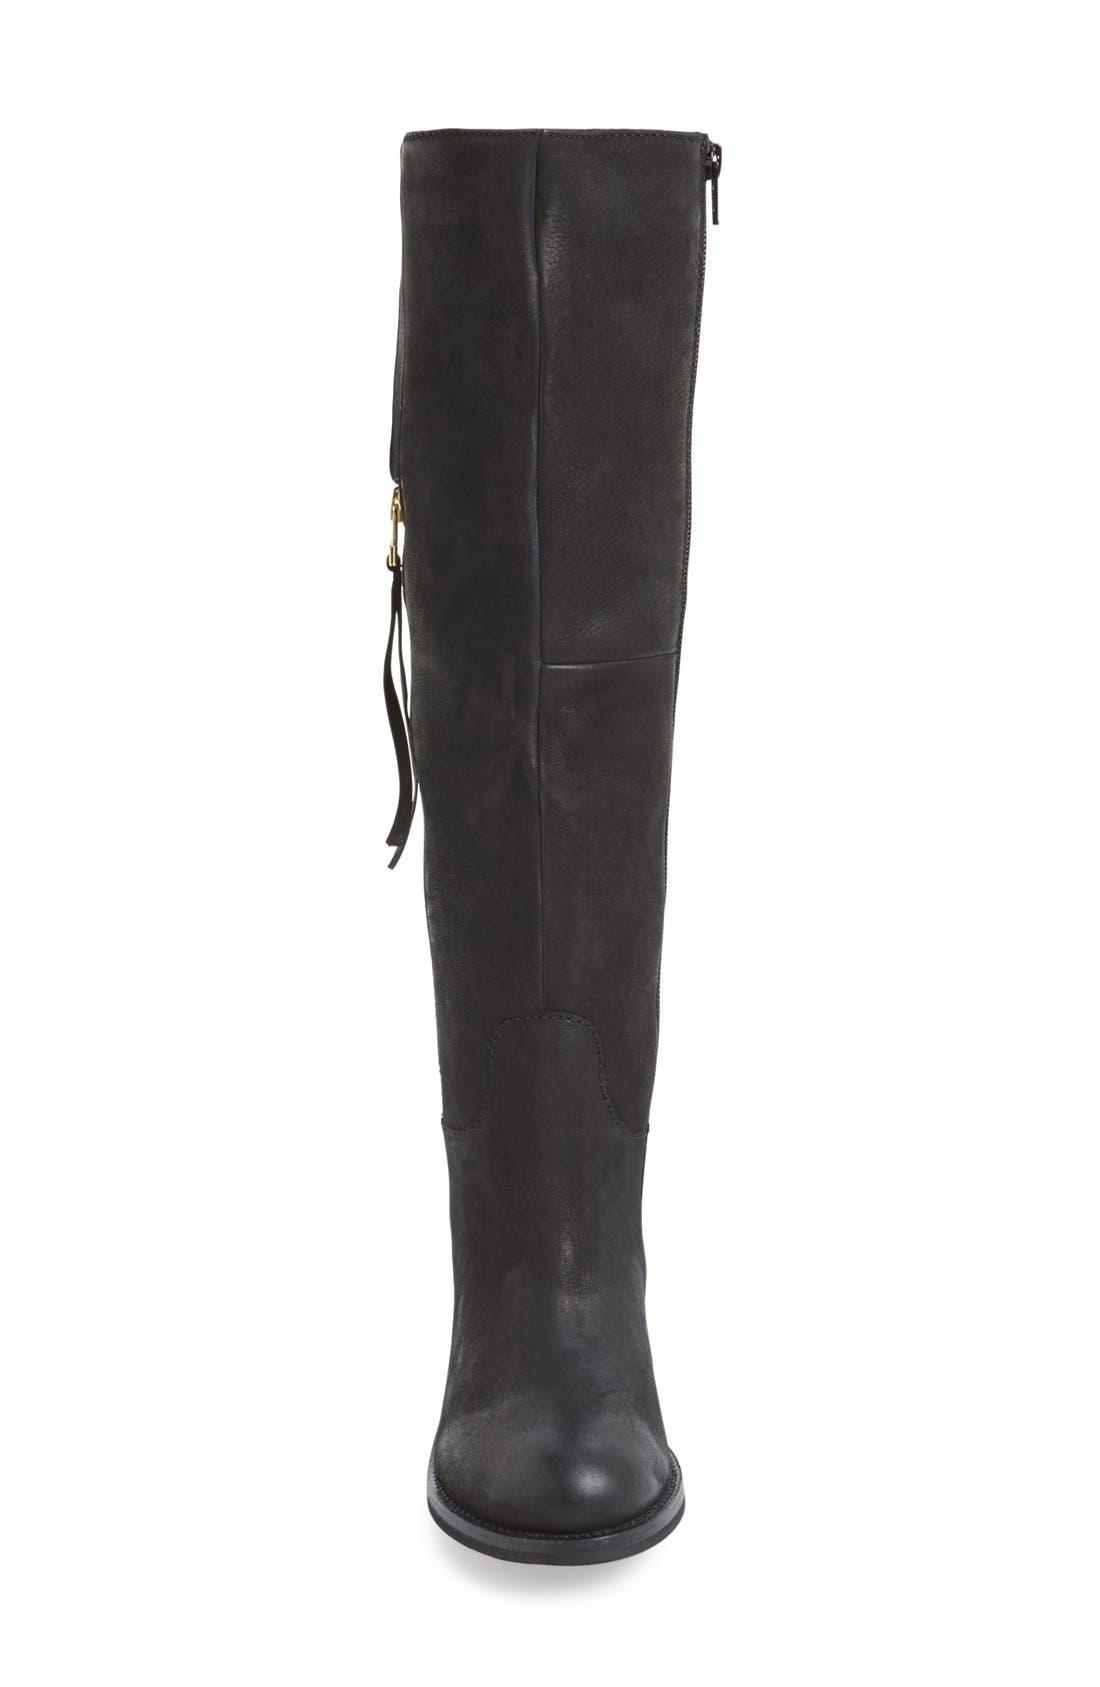 Alternate Image 3  - Steve Madden 'Antsy' Tall Boot (Women)